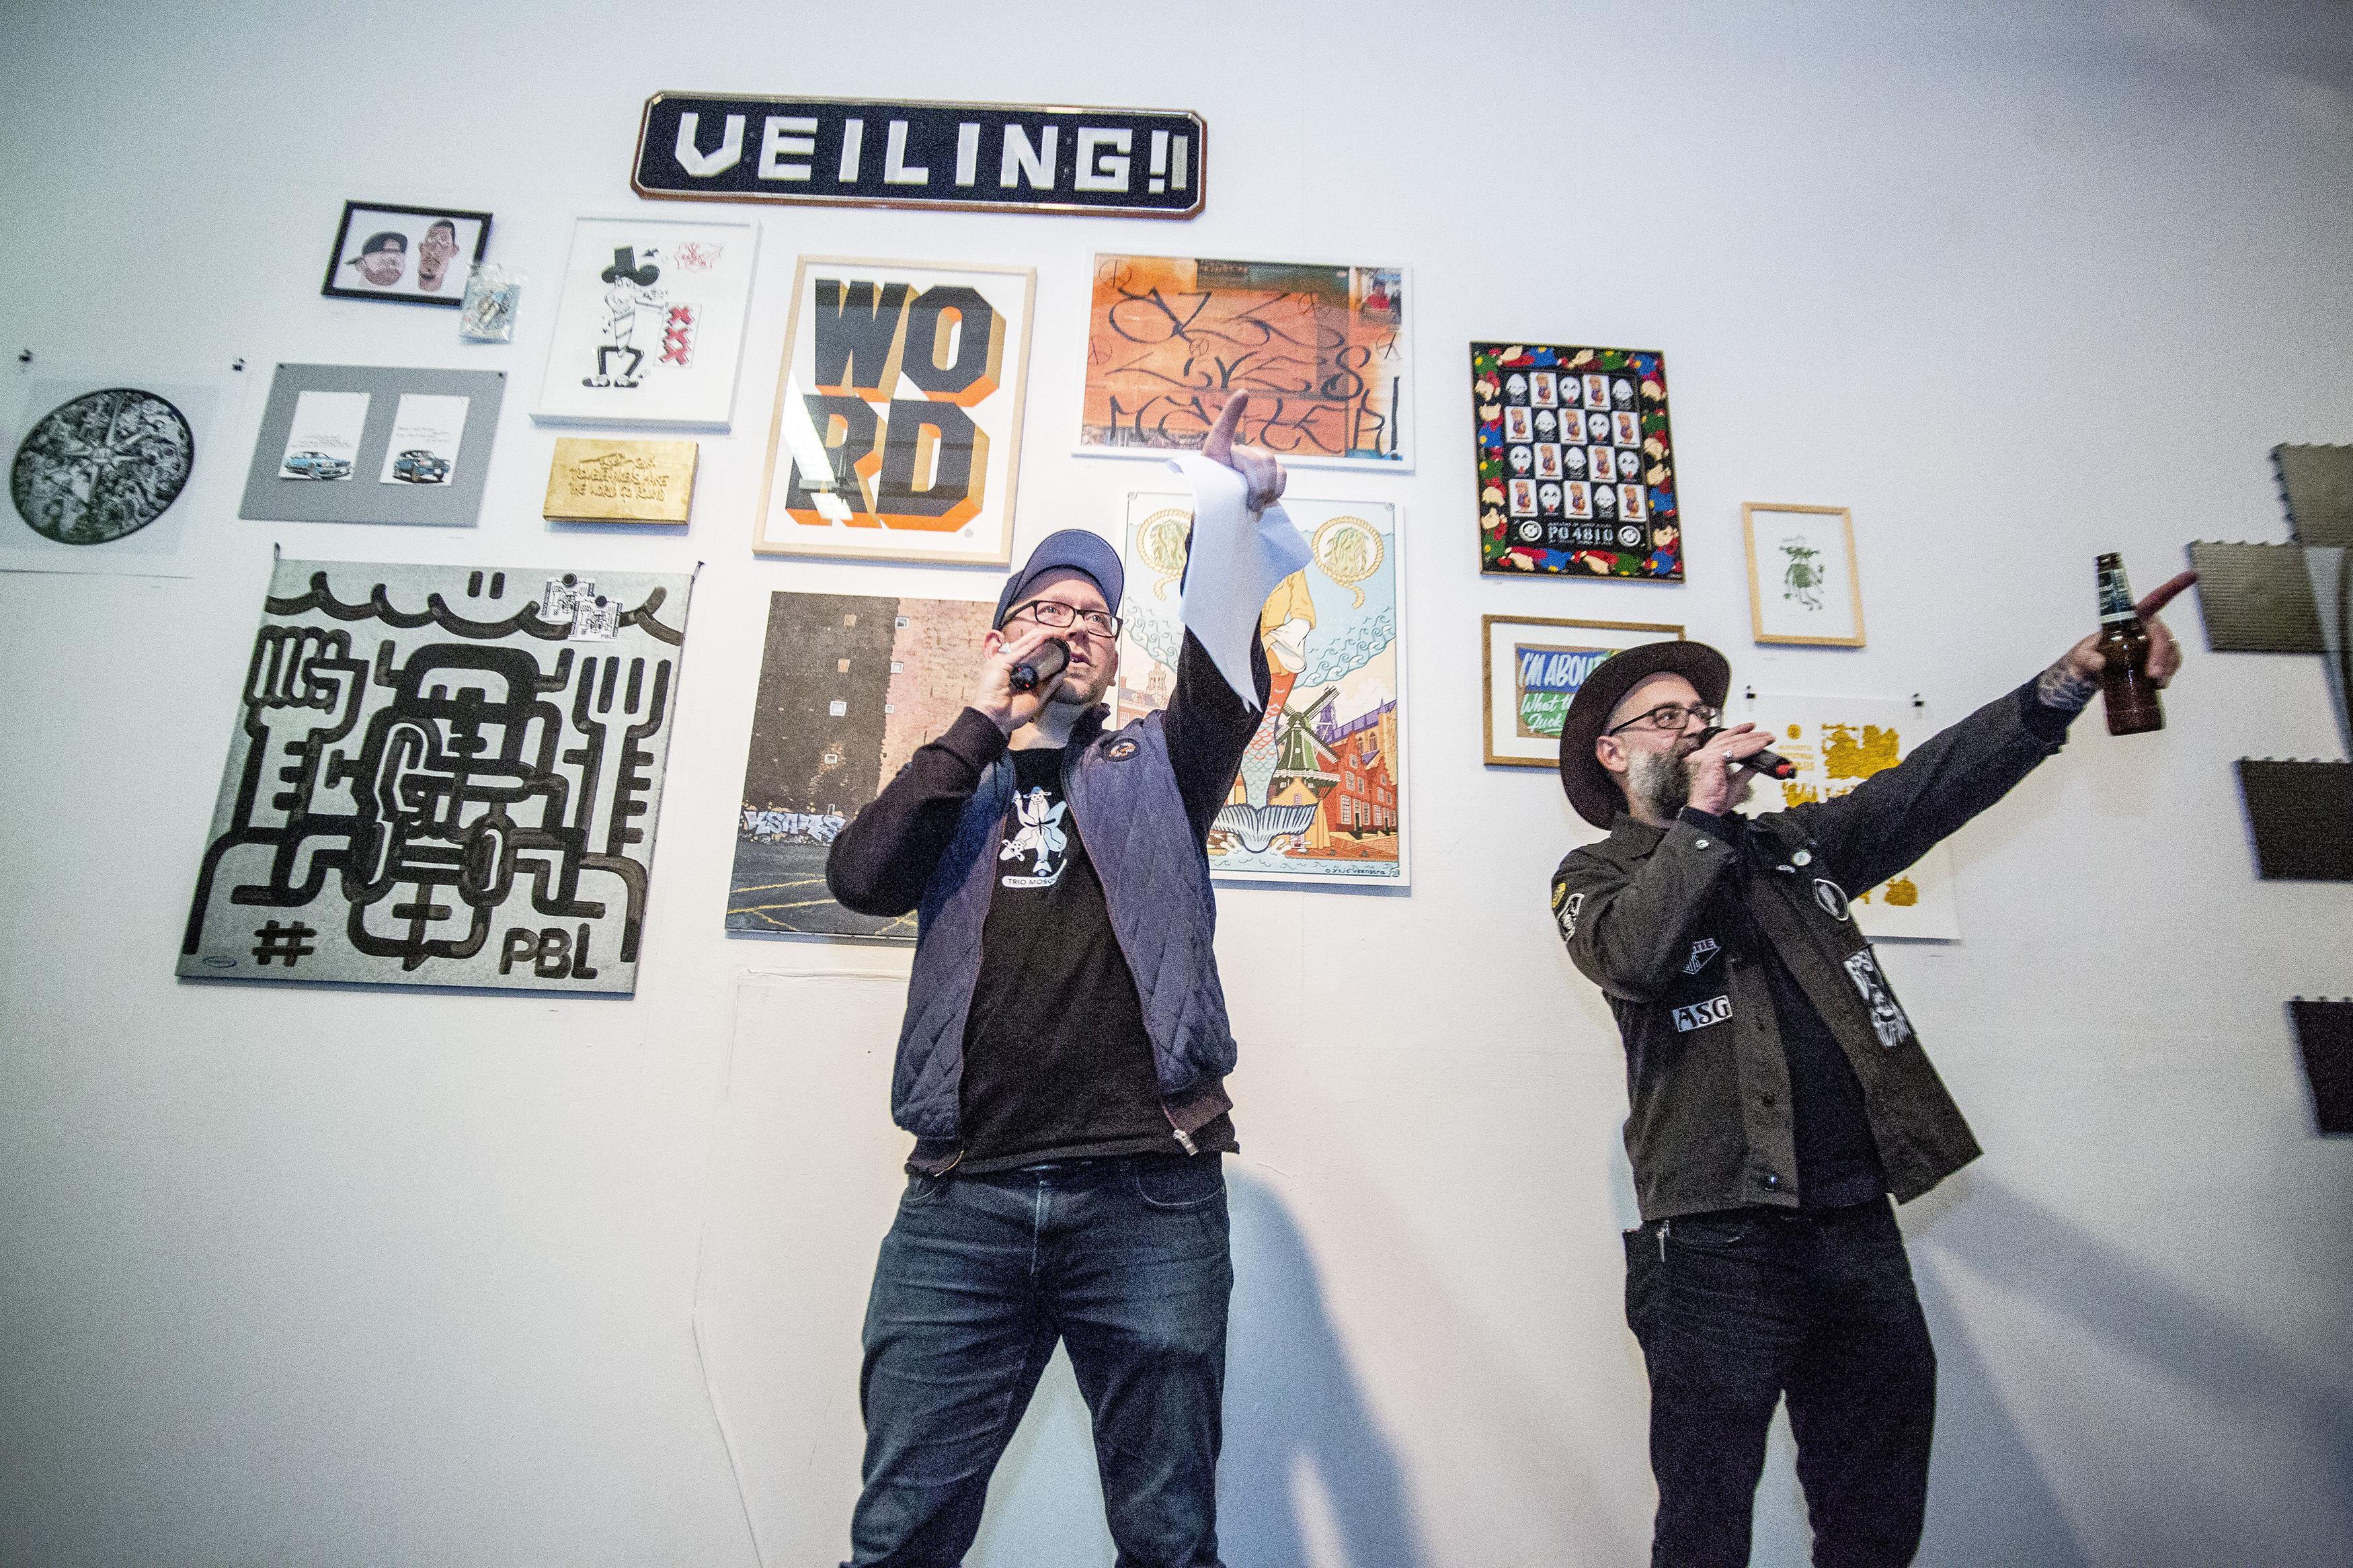 Hiphoppen in Nieuwe Vide voor Voedselbank Haarlem-Oost levert 2400 euro op